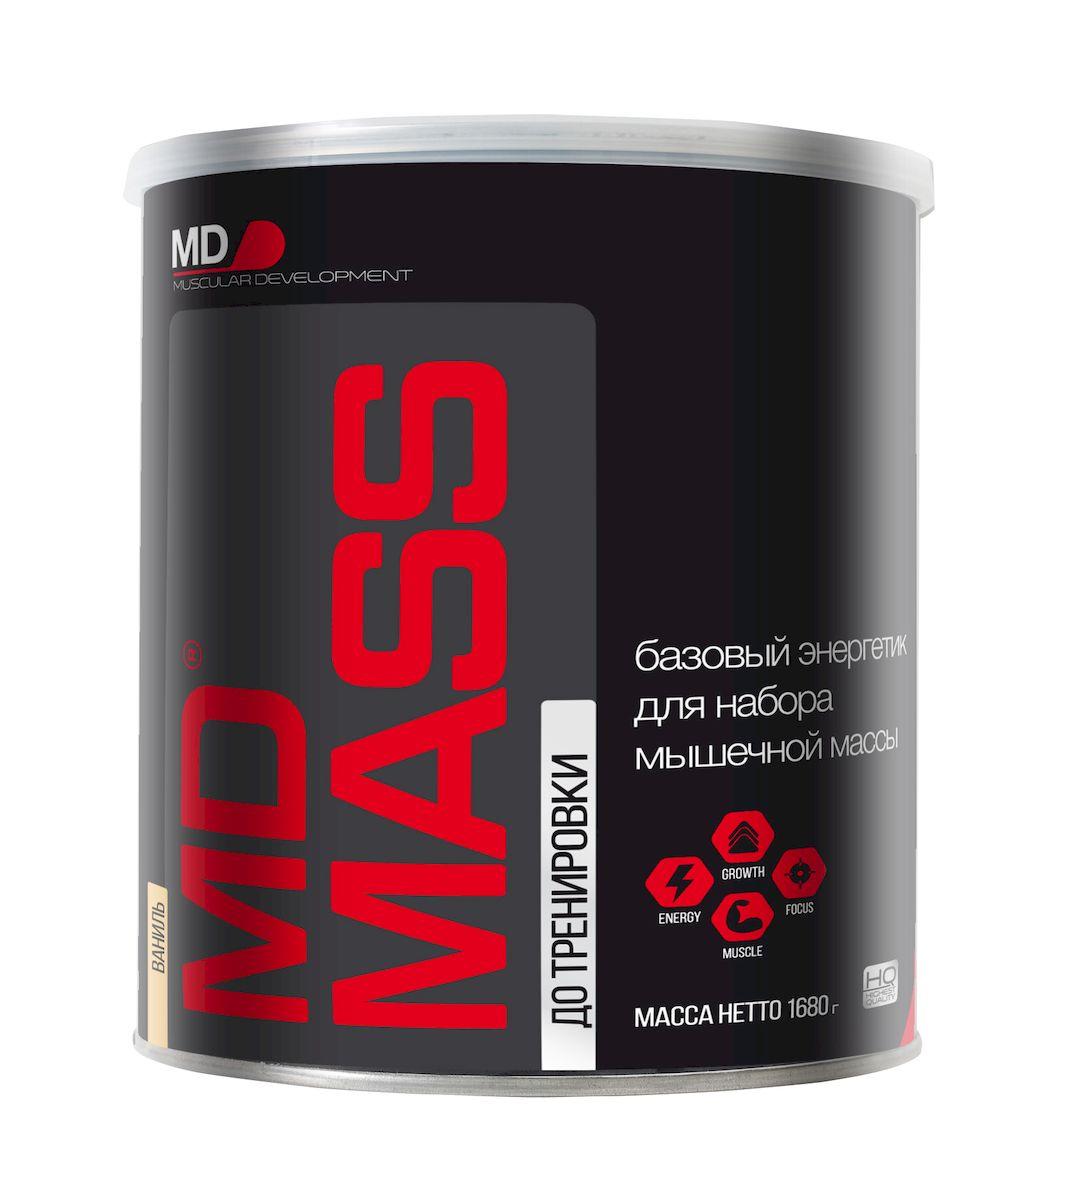 MD Энергетик  Масс , 1,68 кг, ванильный - Энергетики